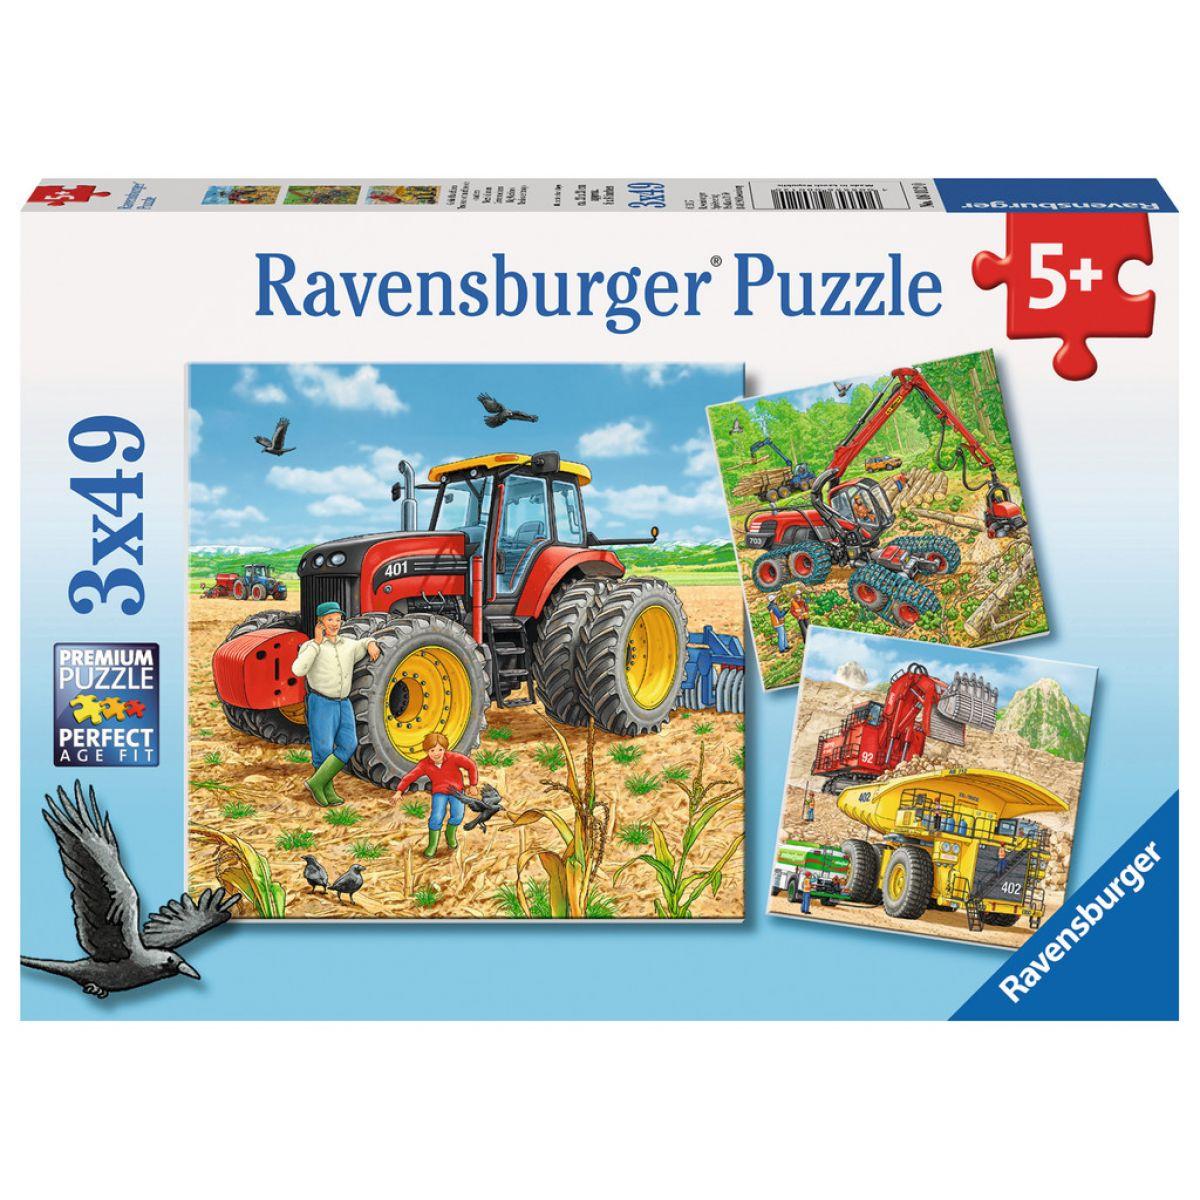 Ravensburger Puzzle Veľké pracovné stroje 3 x 49 dielikov